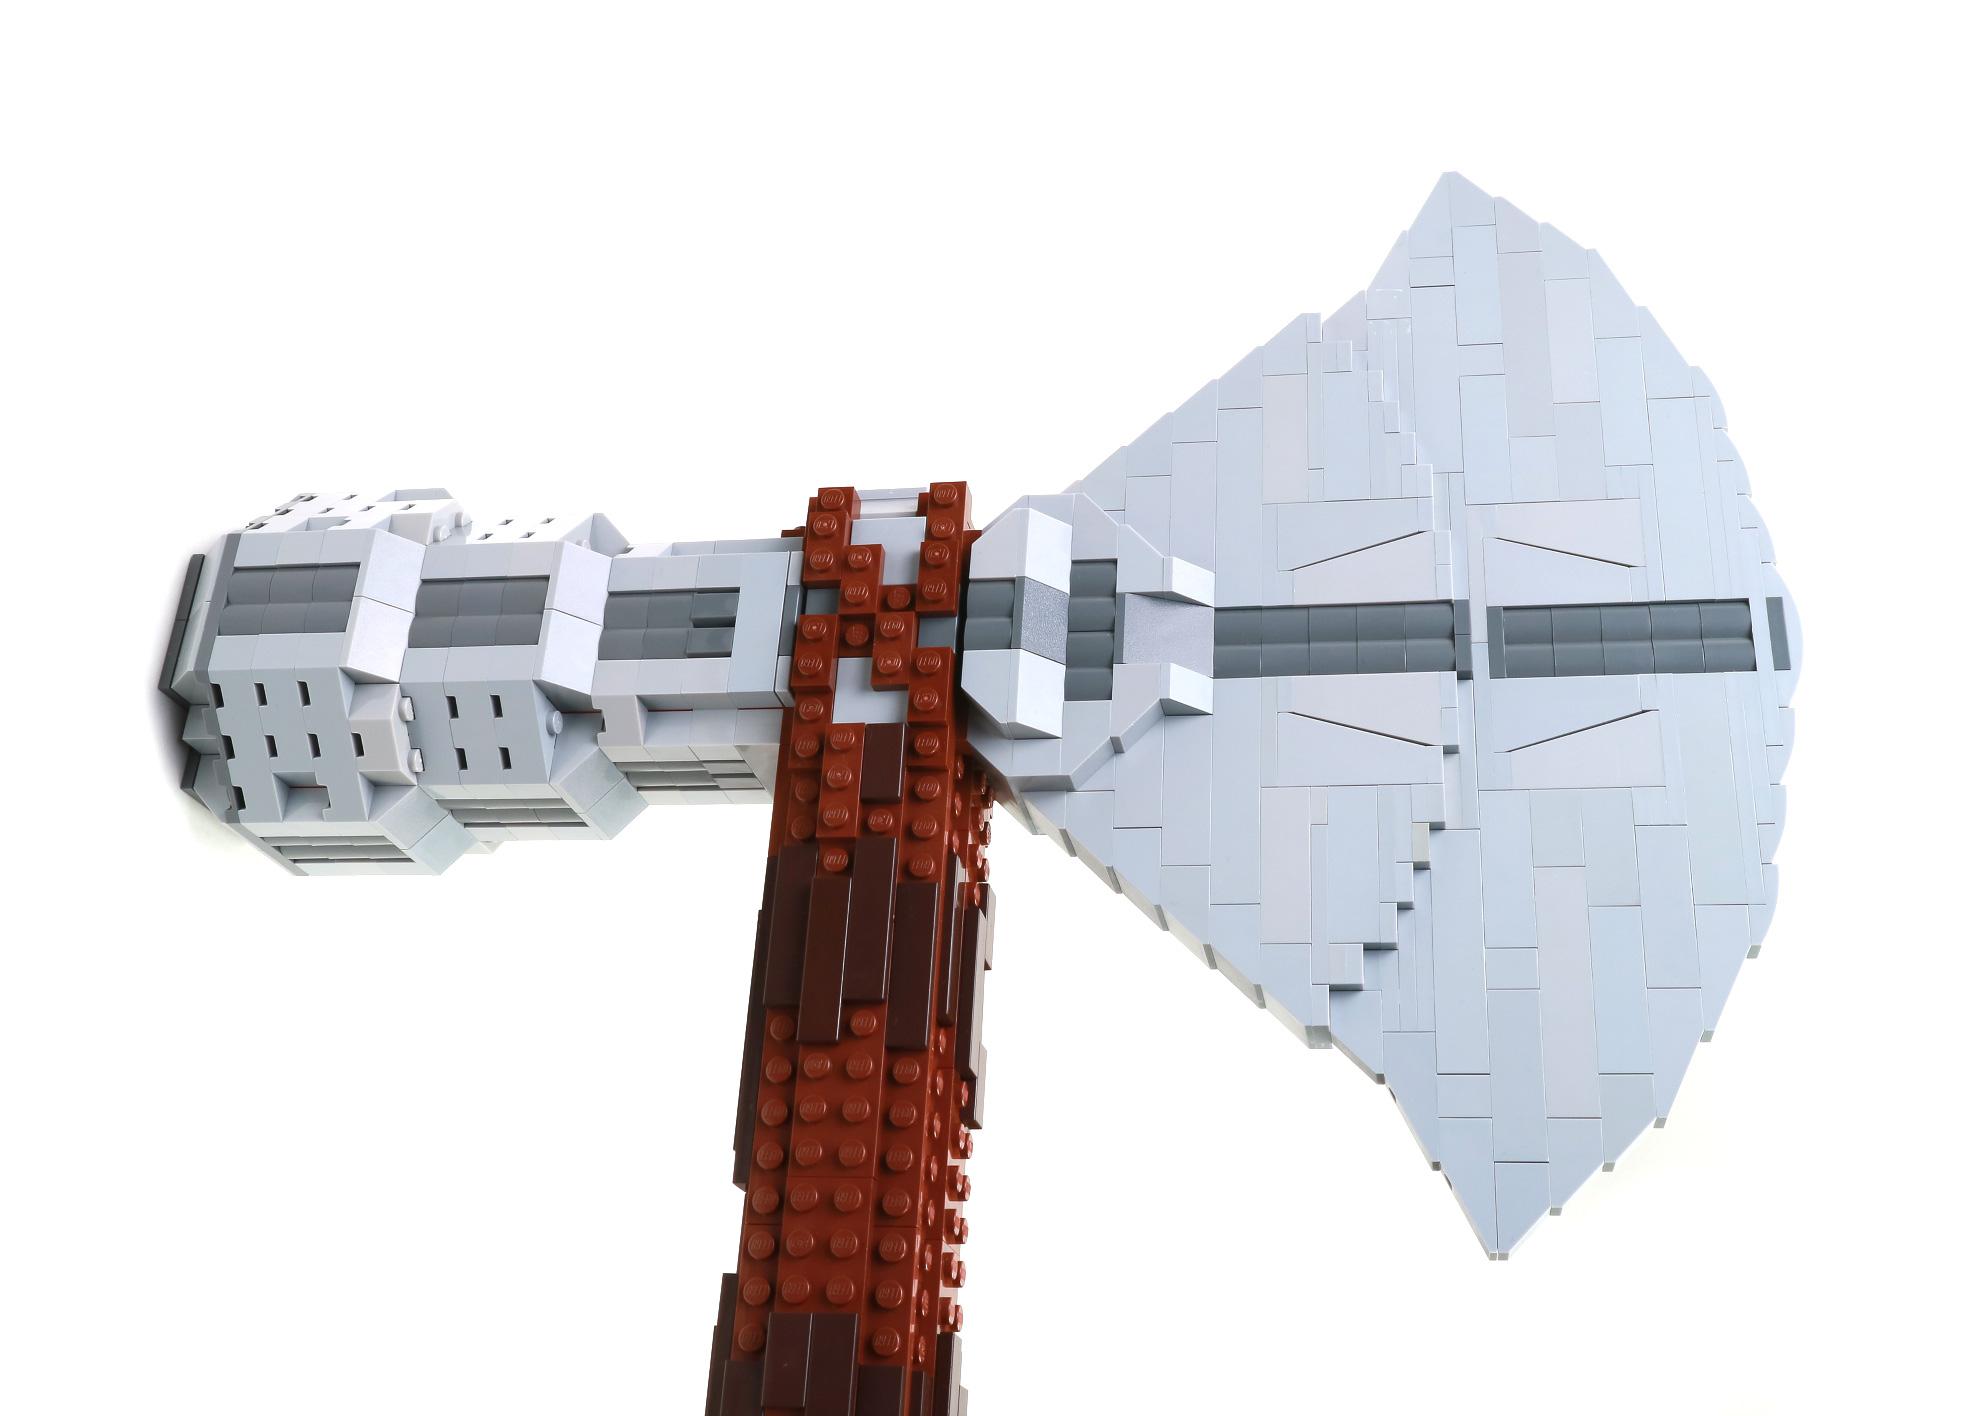 lego саморобка сокира тора